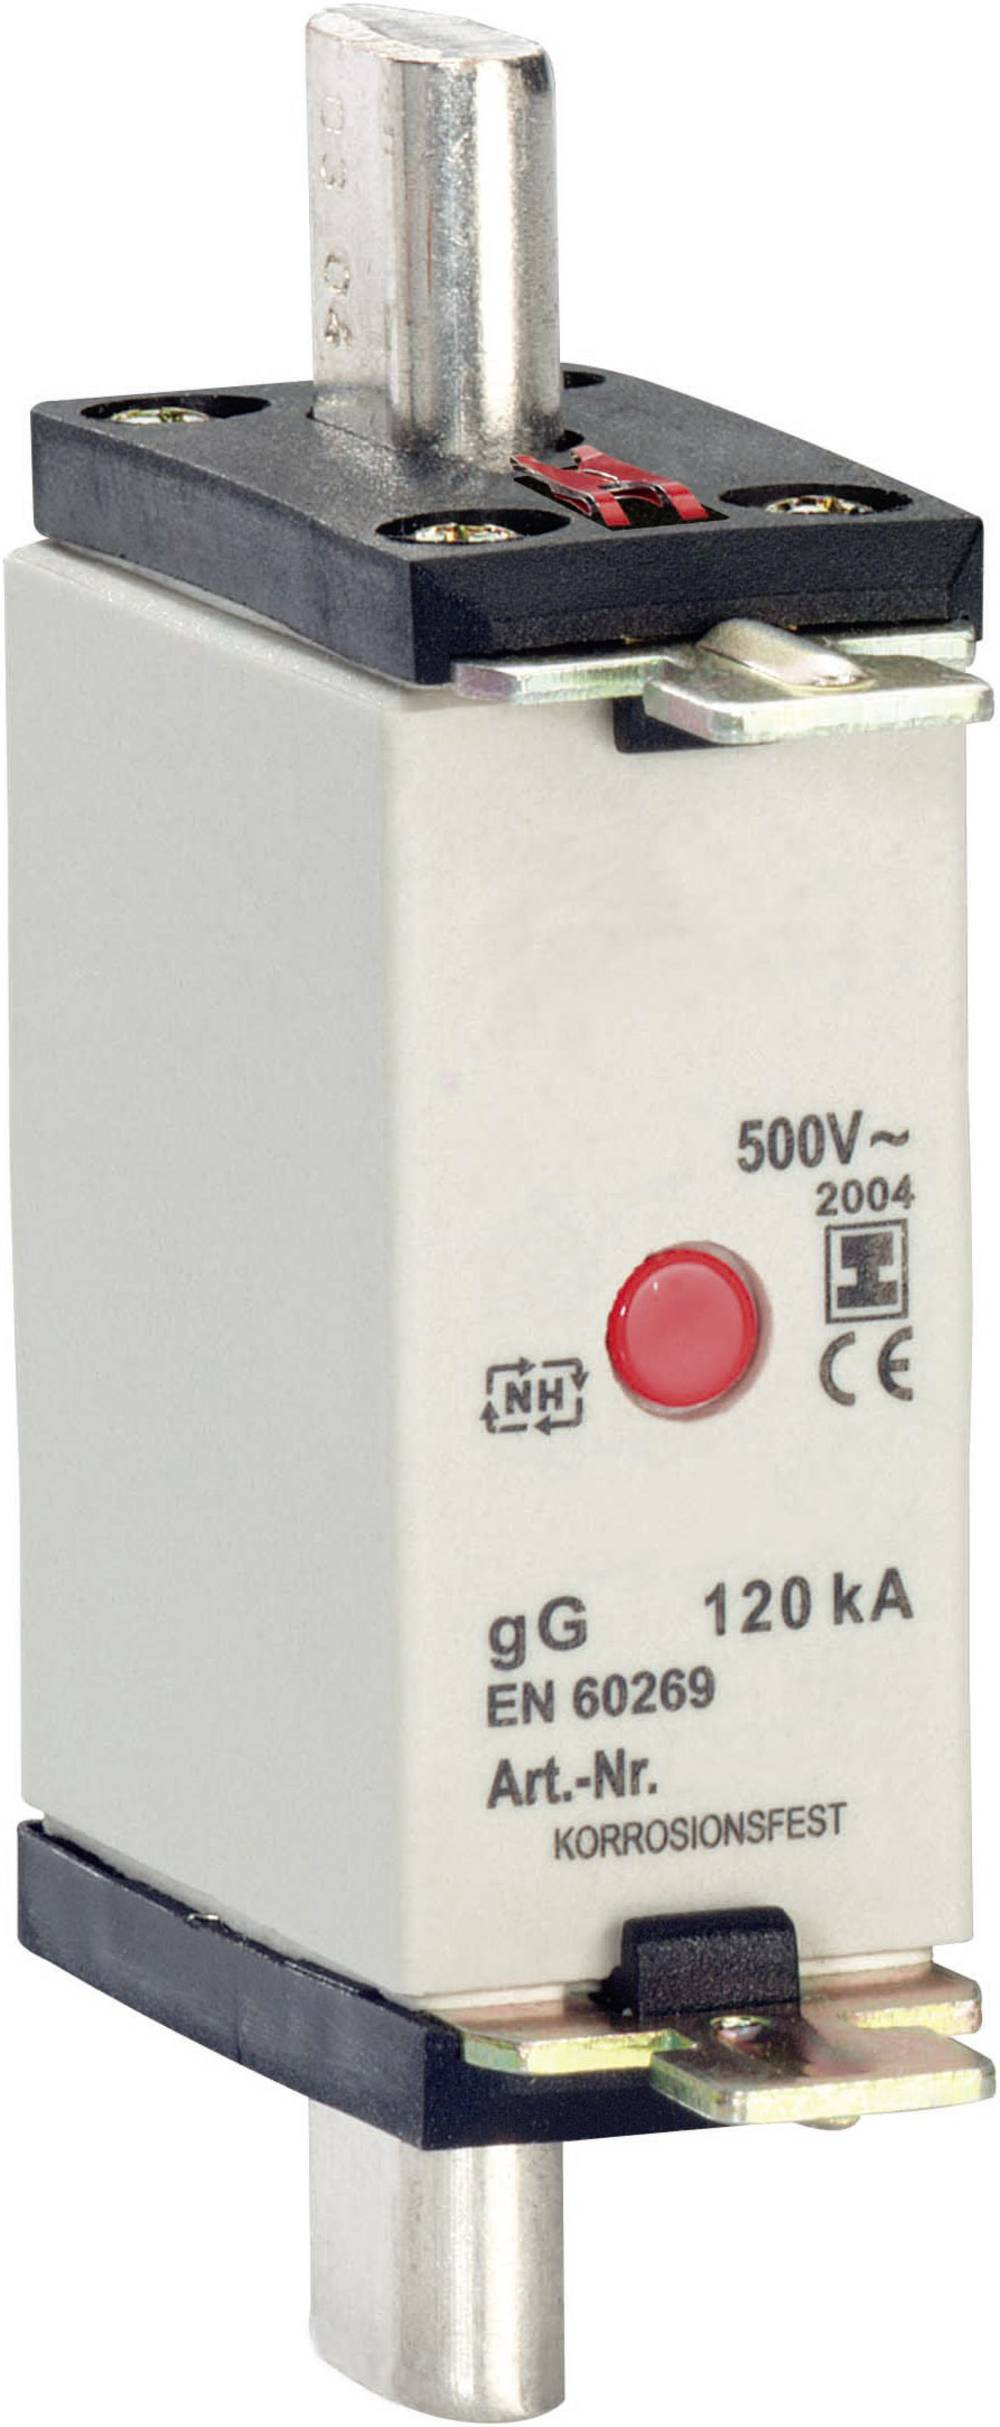 Nizkonapetostna močnostna varovalka, velikost varovalke = 000 16 A 500 V/AC Bals Elektrotechnik 9399